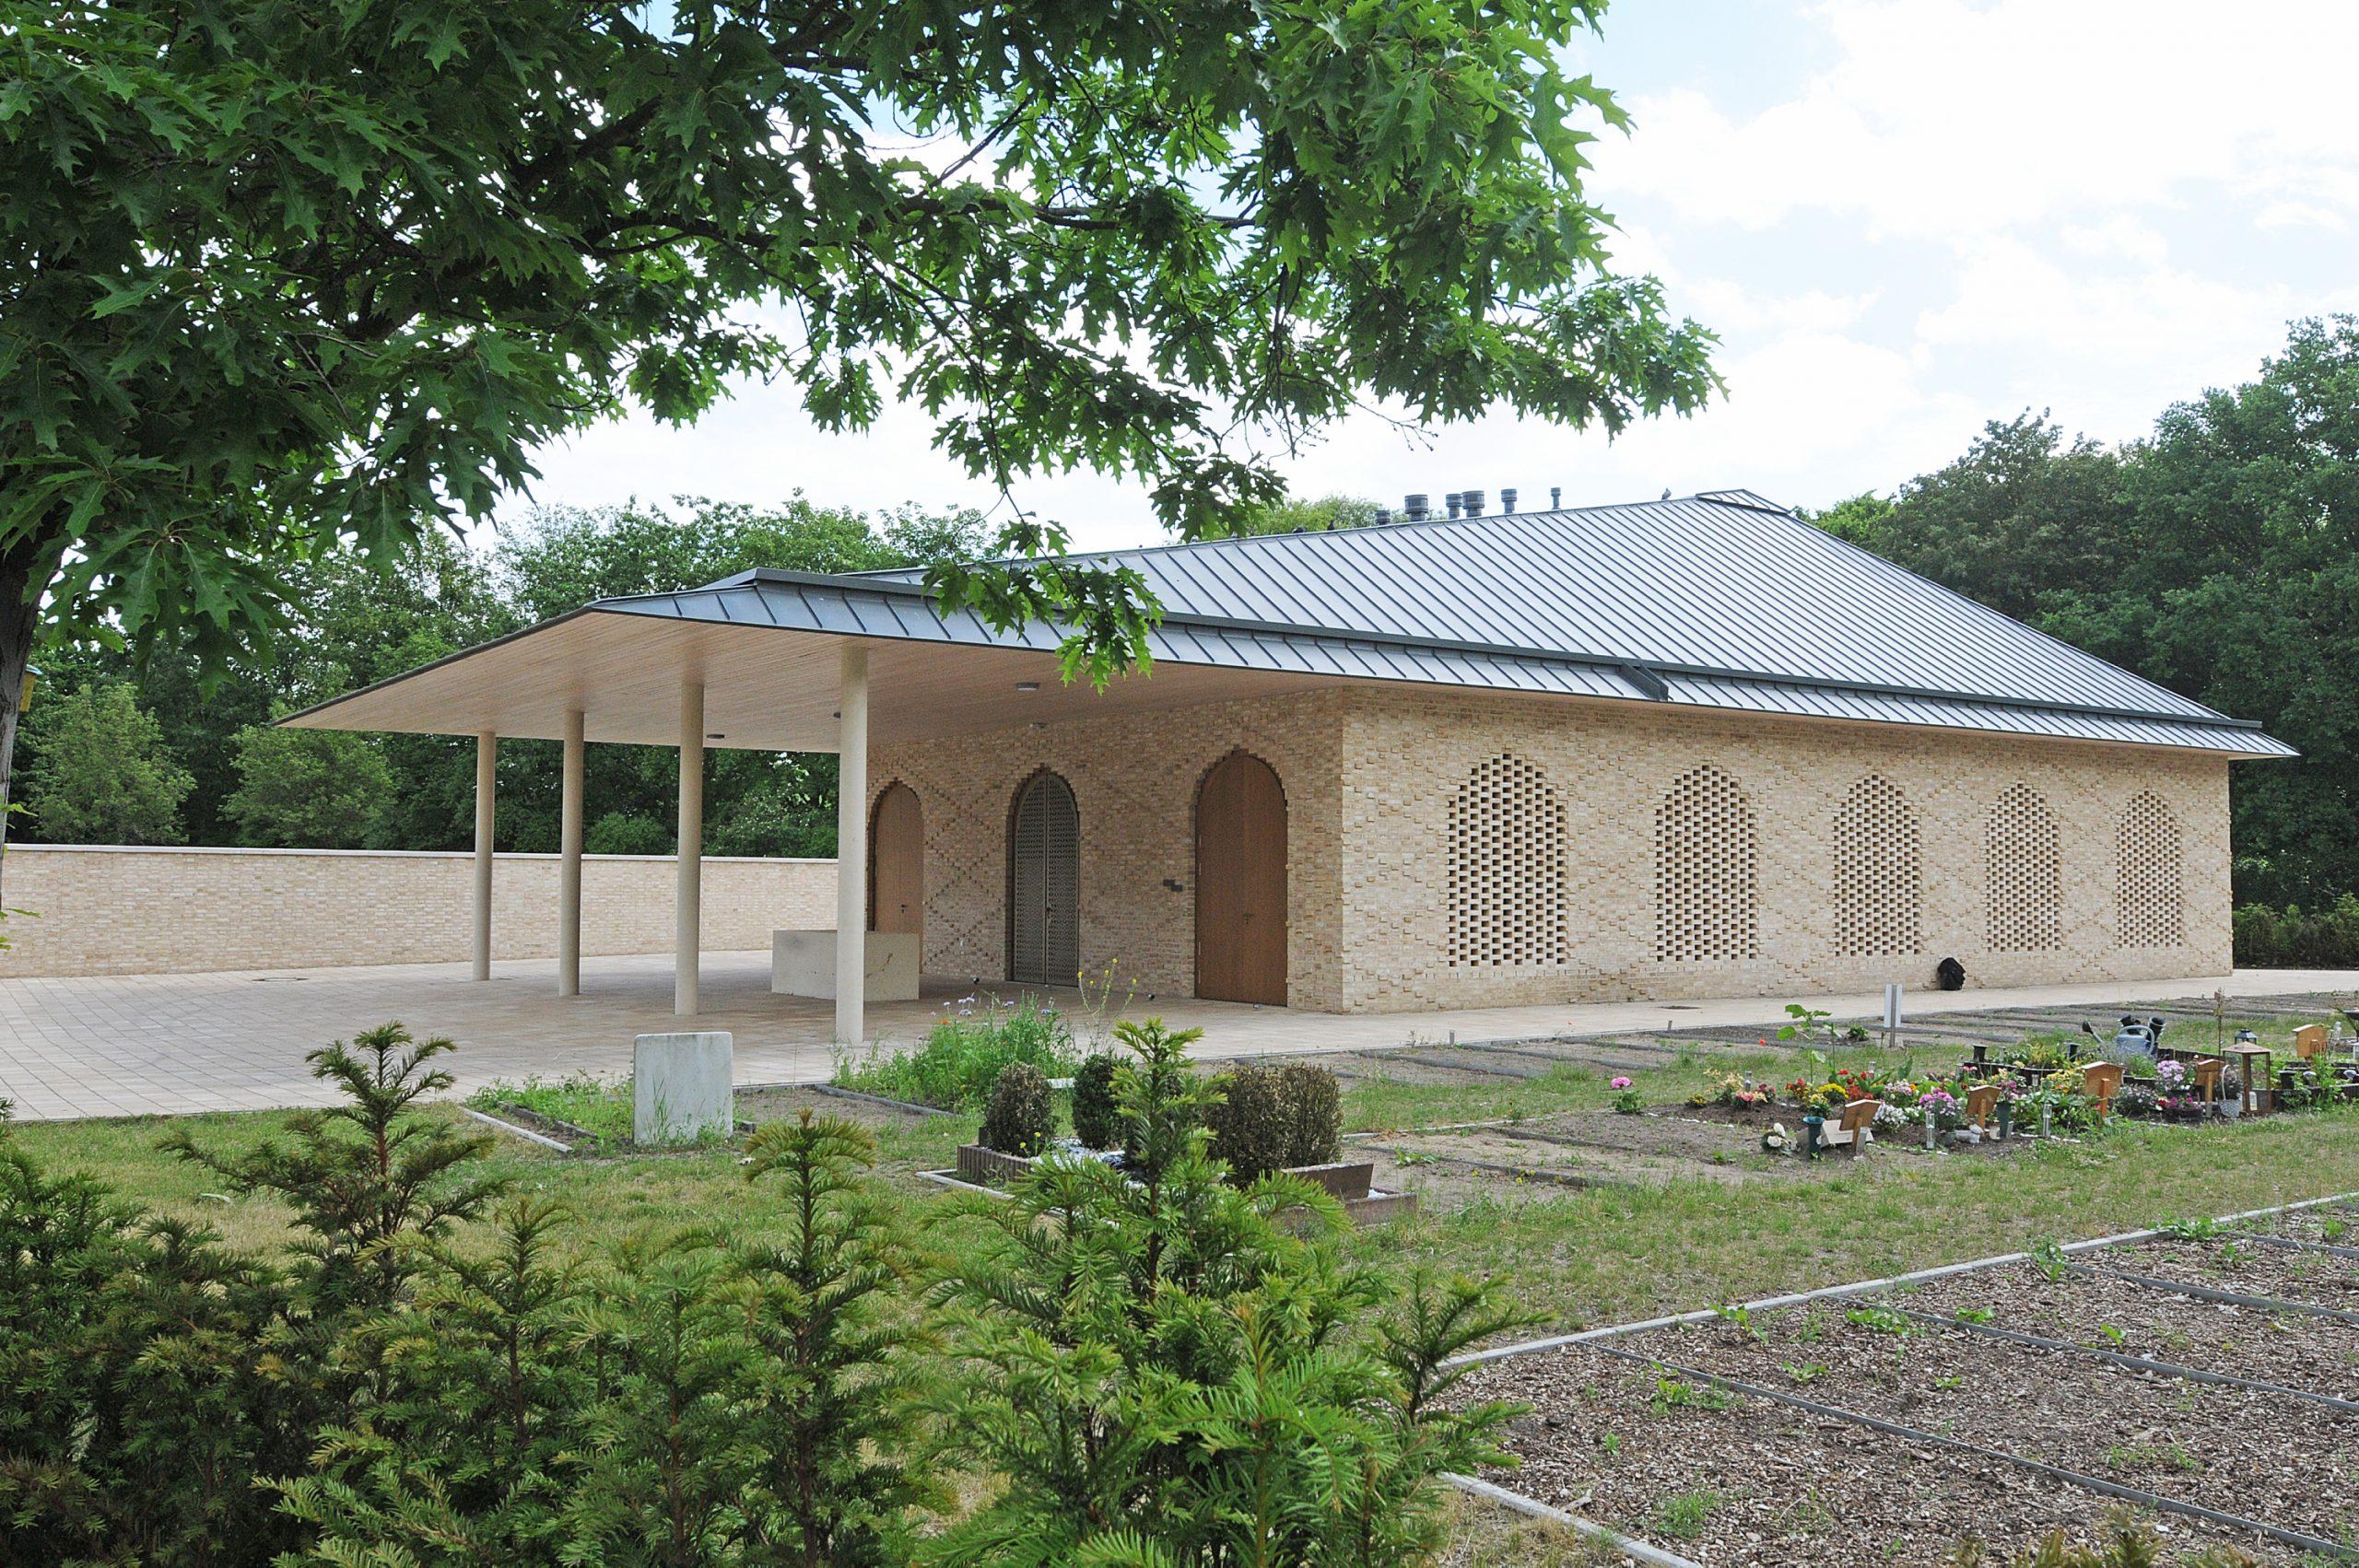 Dieses Waschhaus kaufte die Deges für das neue muslimische Gräberfeld.